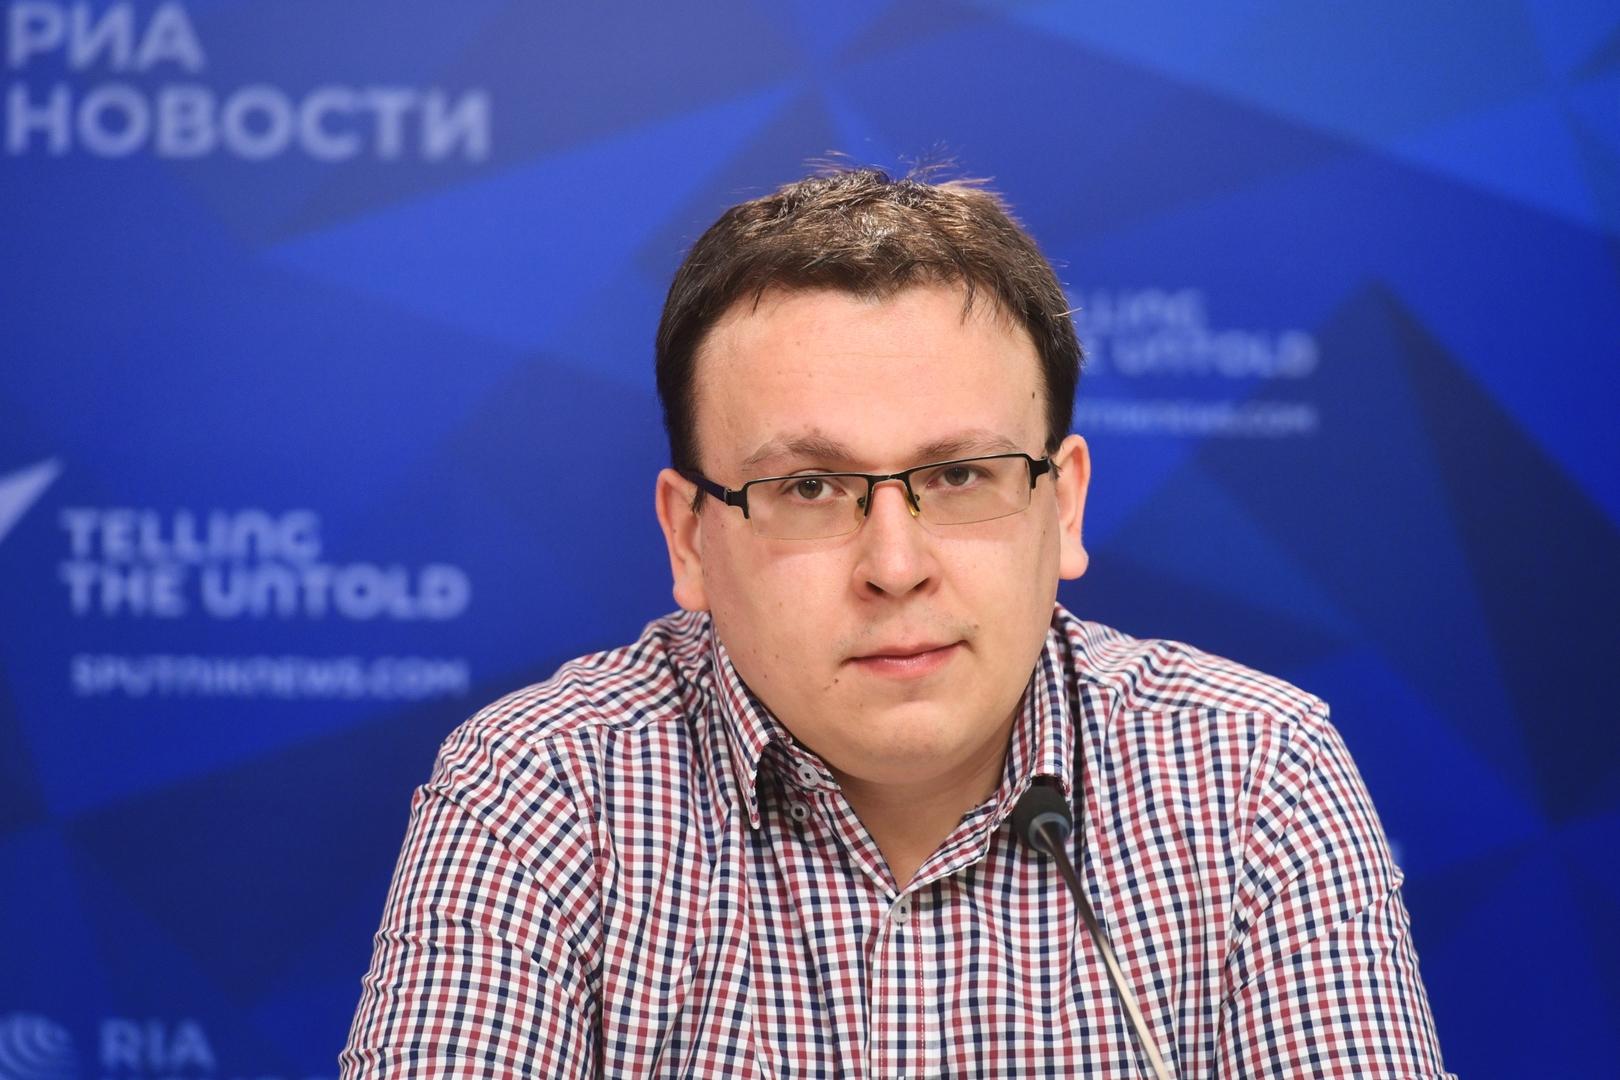 الخبير الروسي في شؤون الشرق الأوسط، غريغوري لوكيانوف